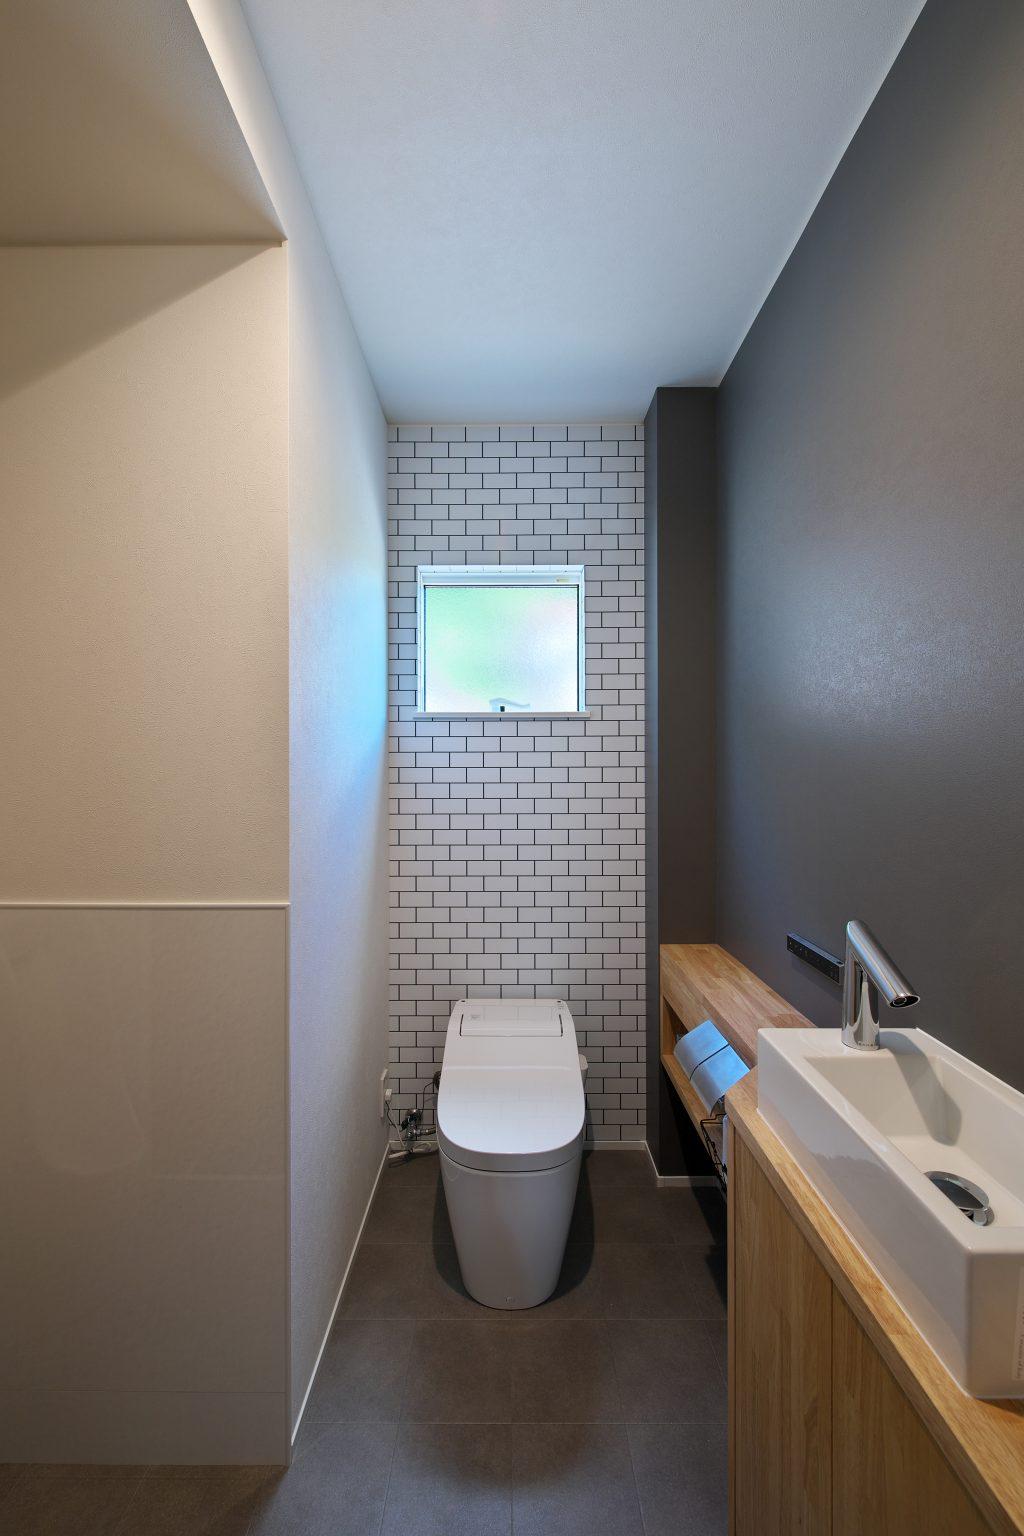 【トイレ】8-1-1024x1536